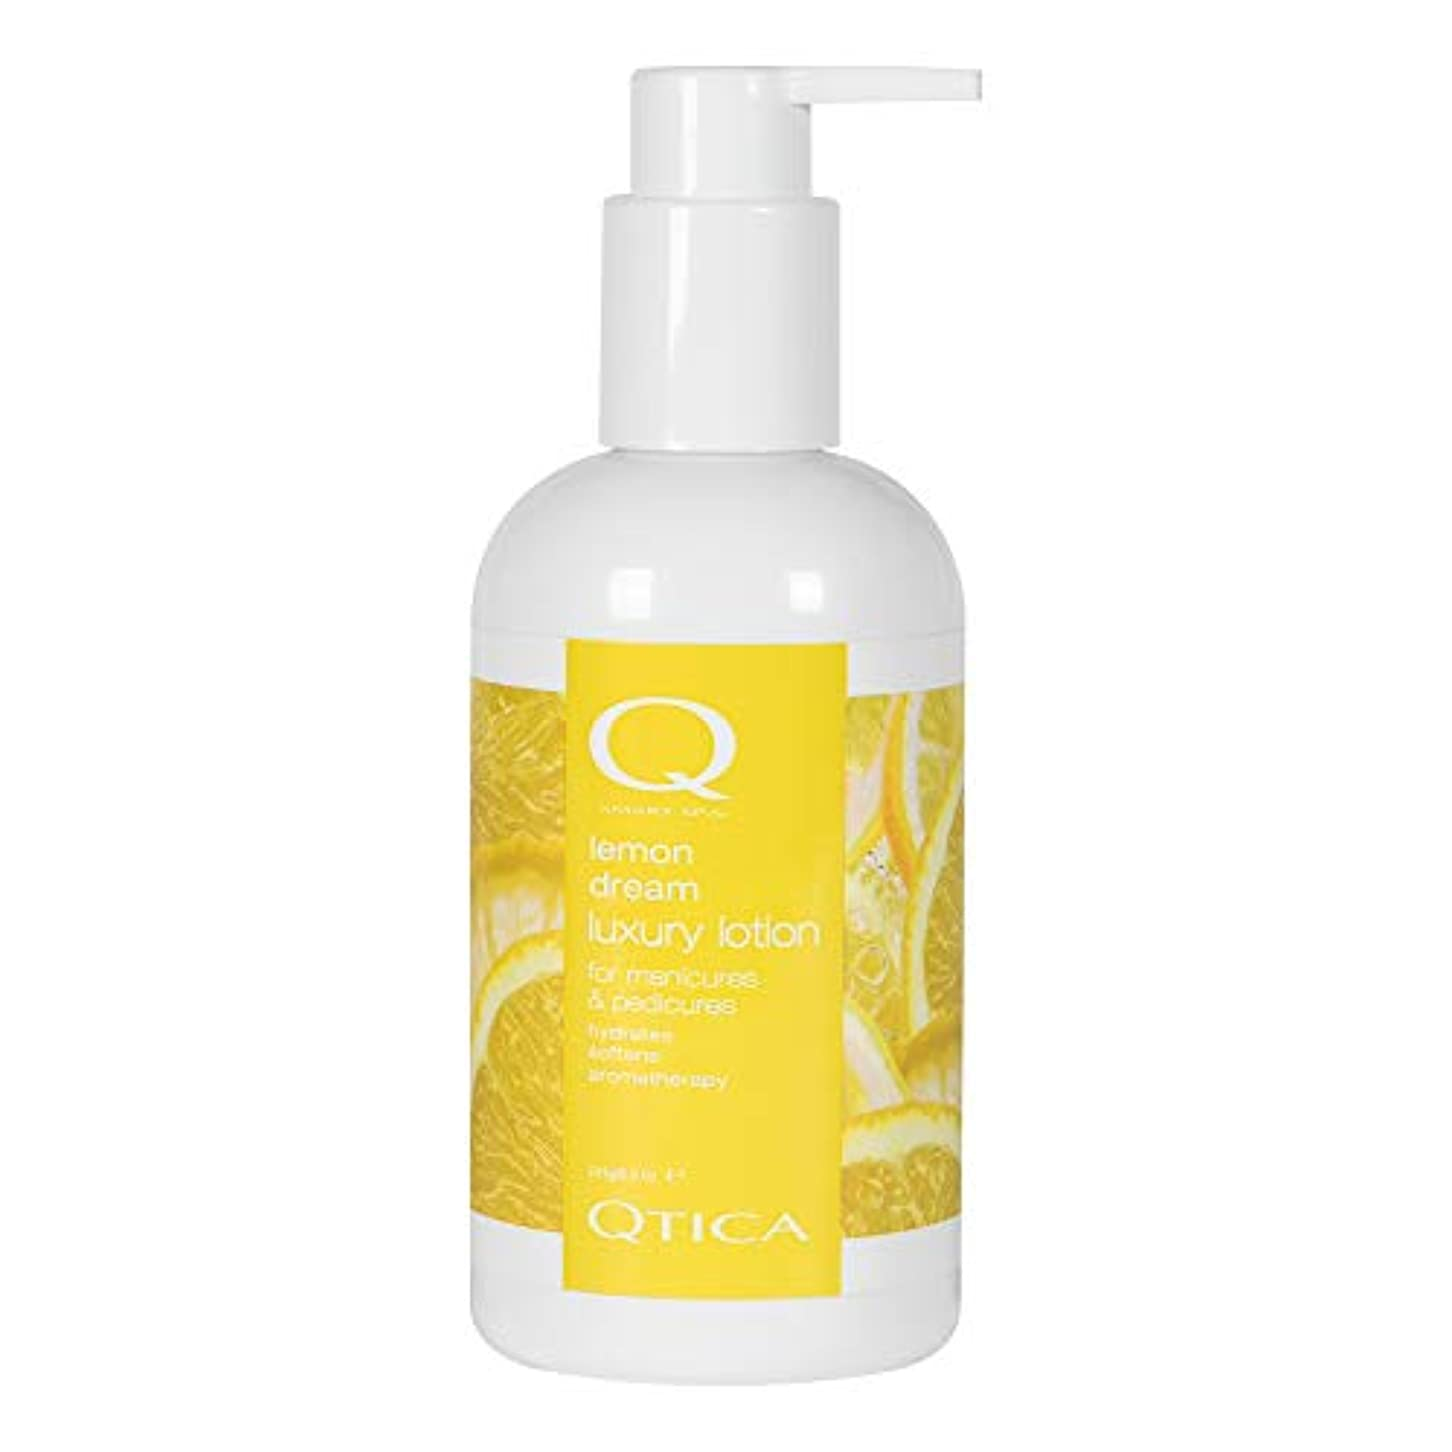 処方する勧告簡単なQTICA スマートスパ ローション レモンドリーム 241g ケア用品